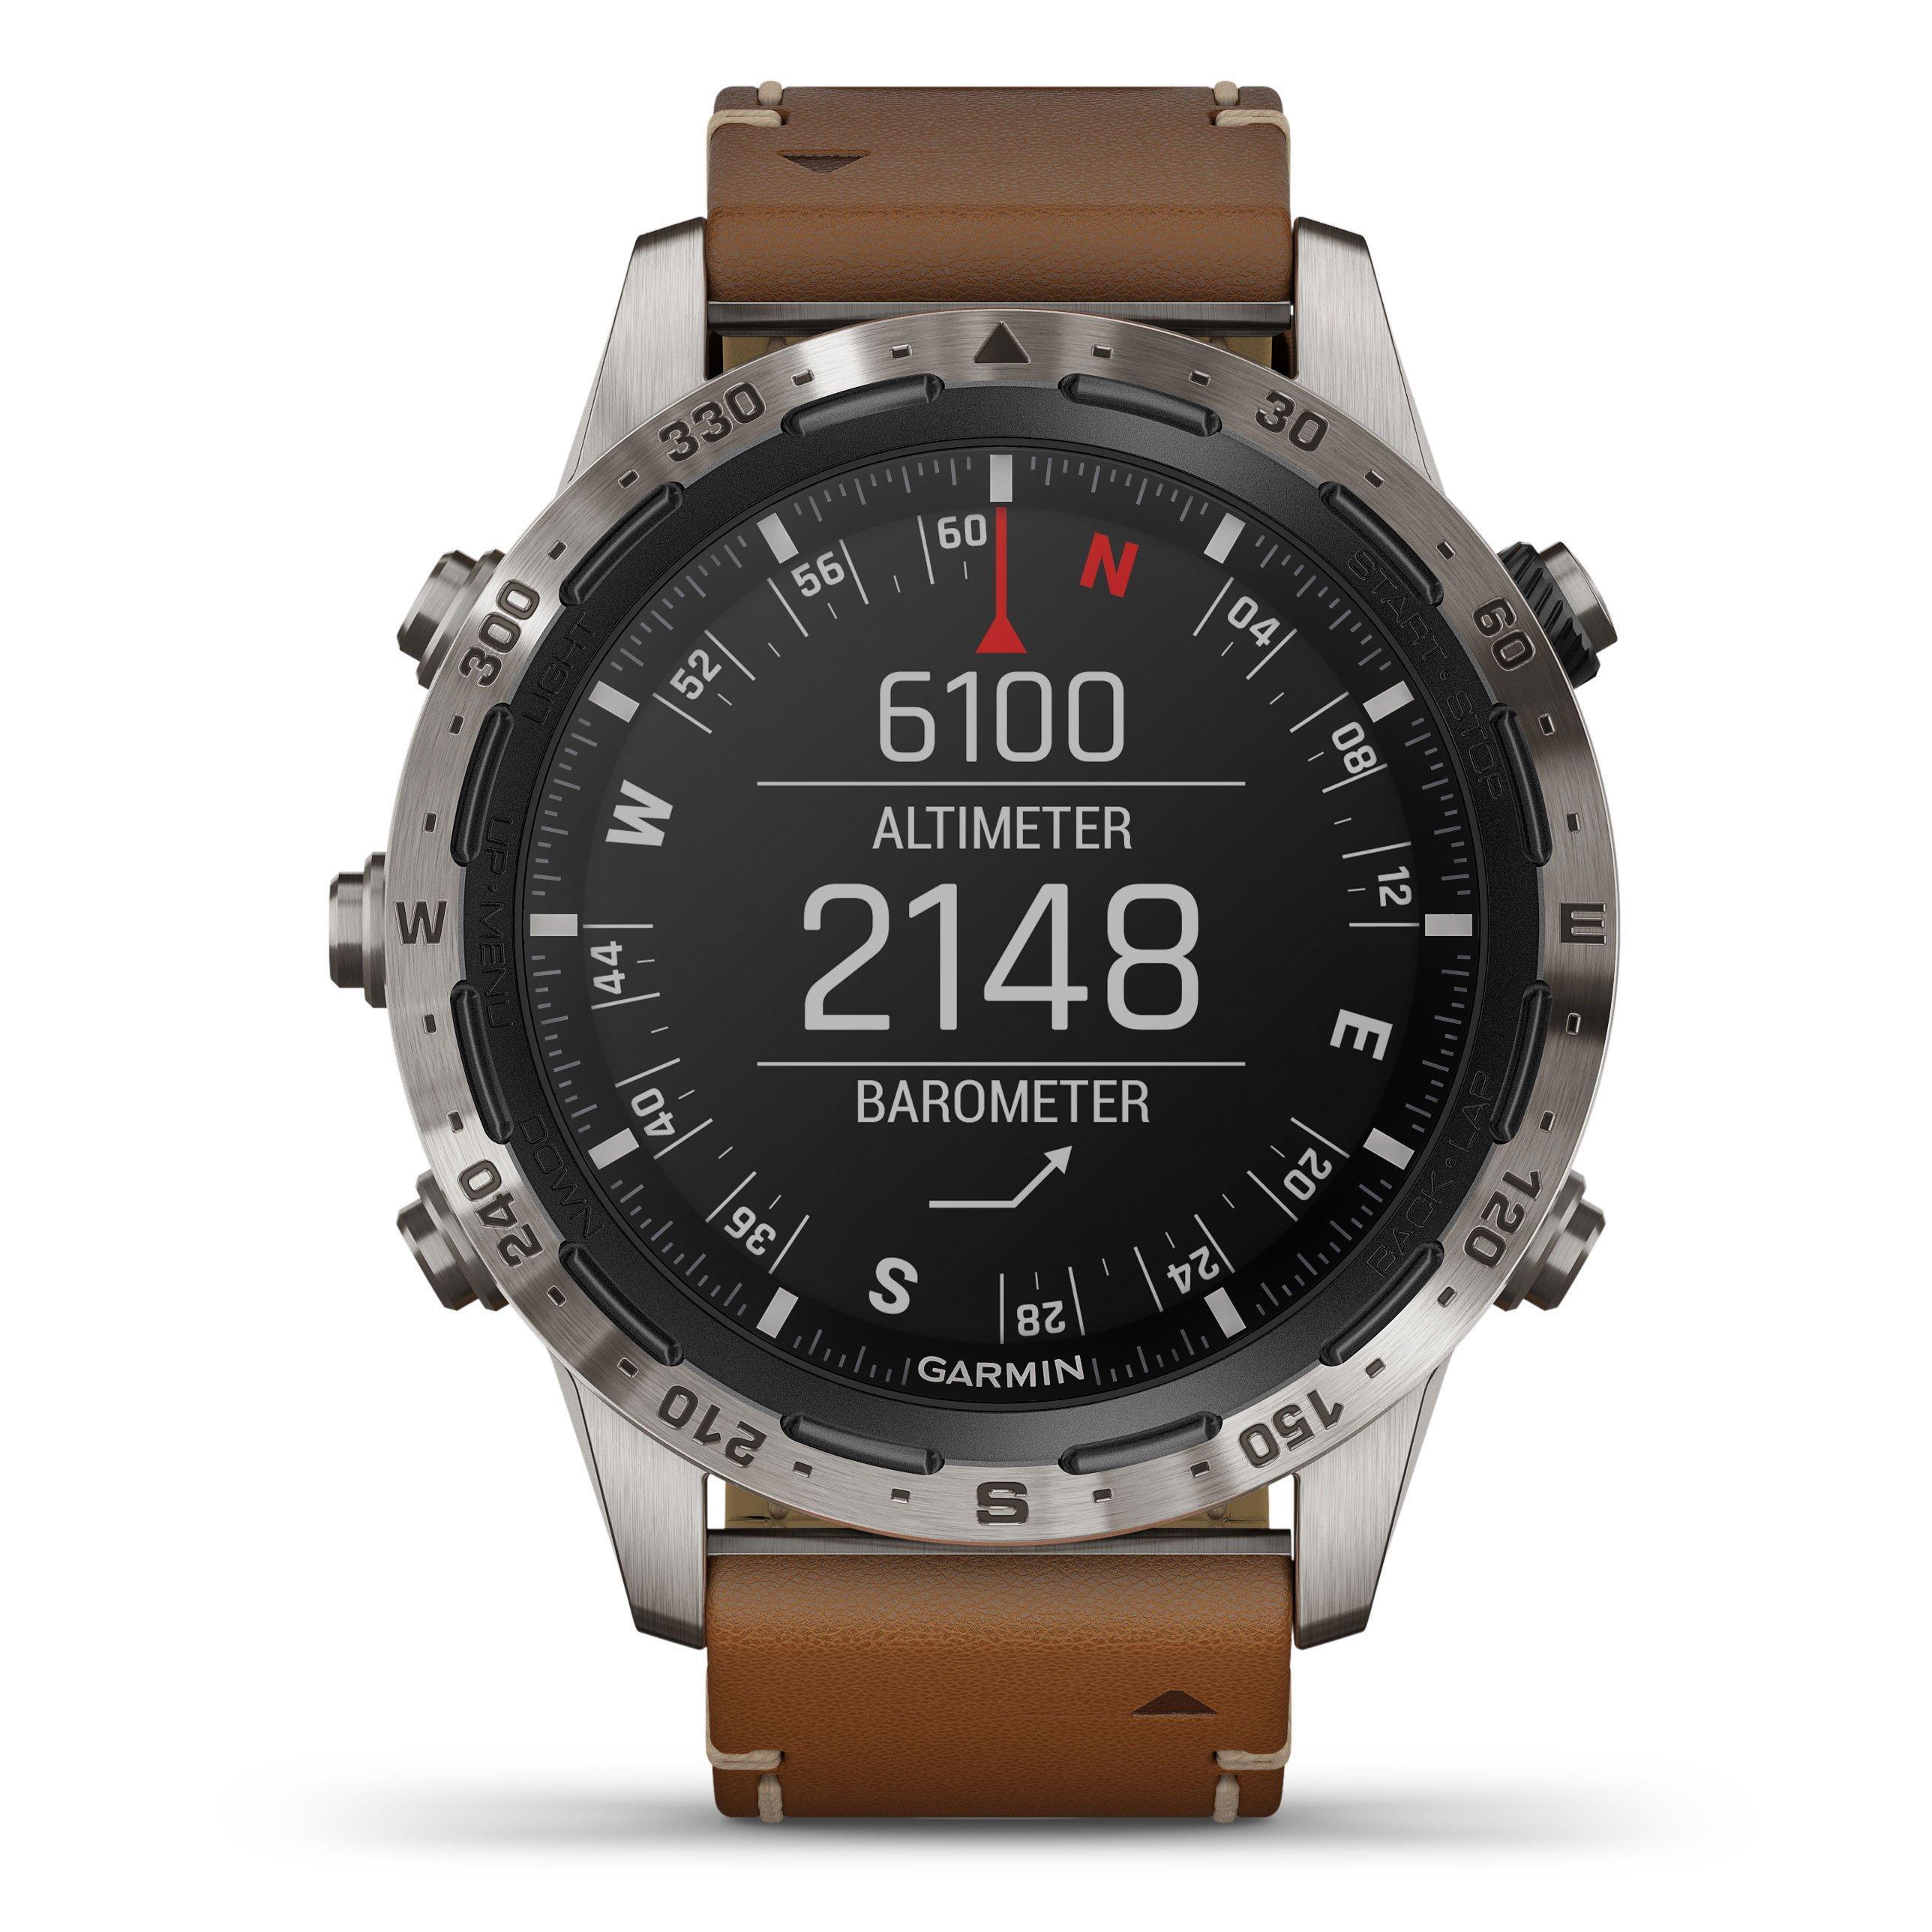 Garmin Marq Adventurer Titanium Smartwatch